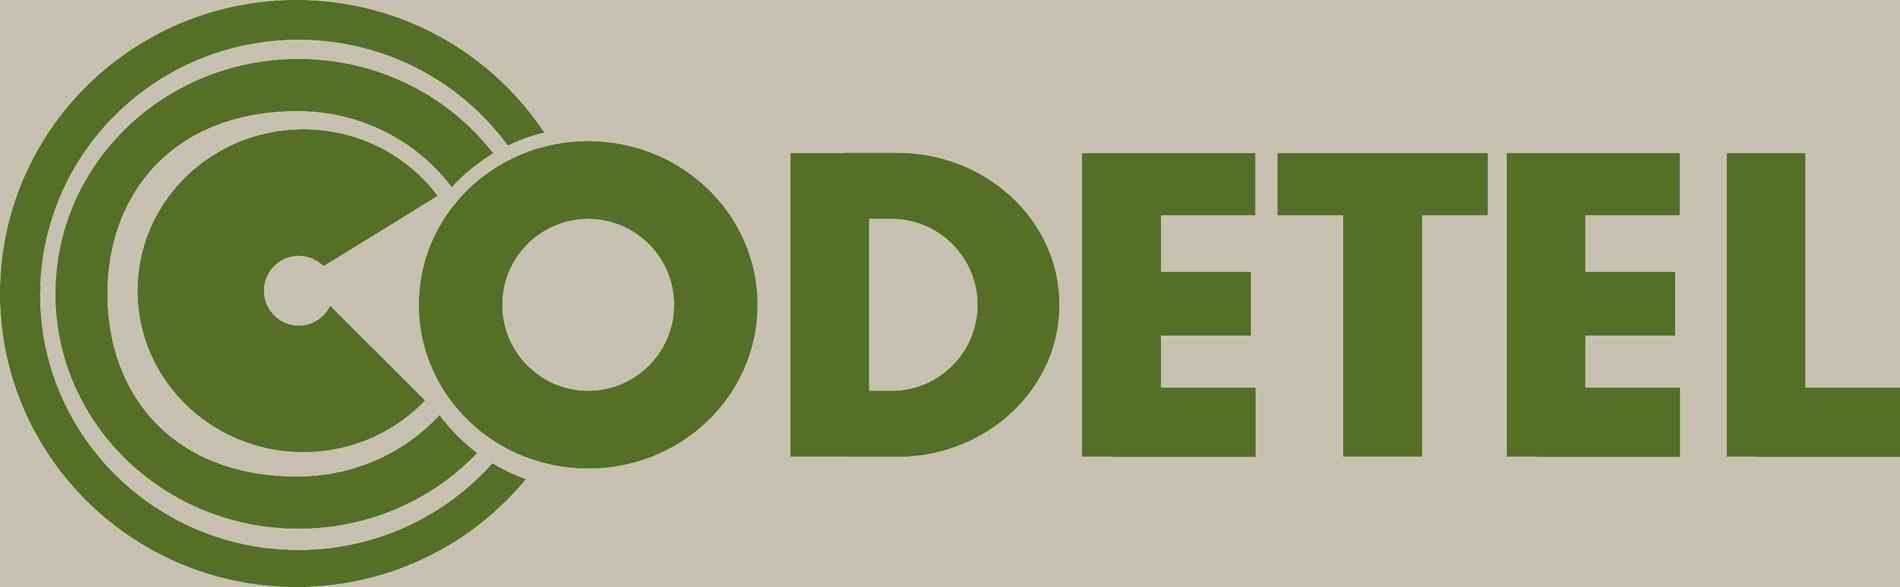 CODETEL